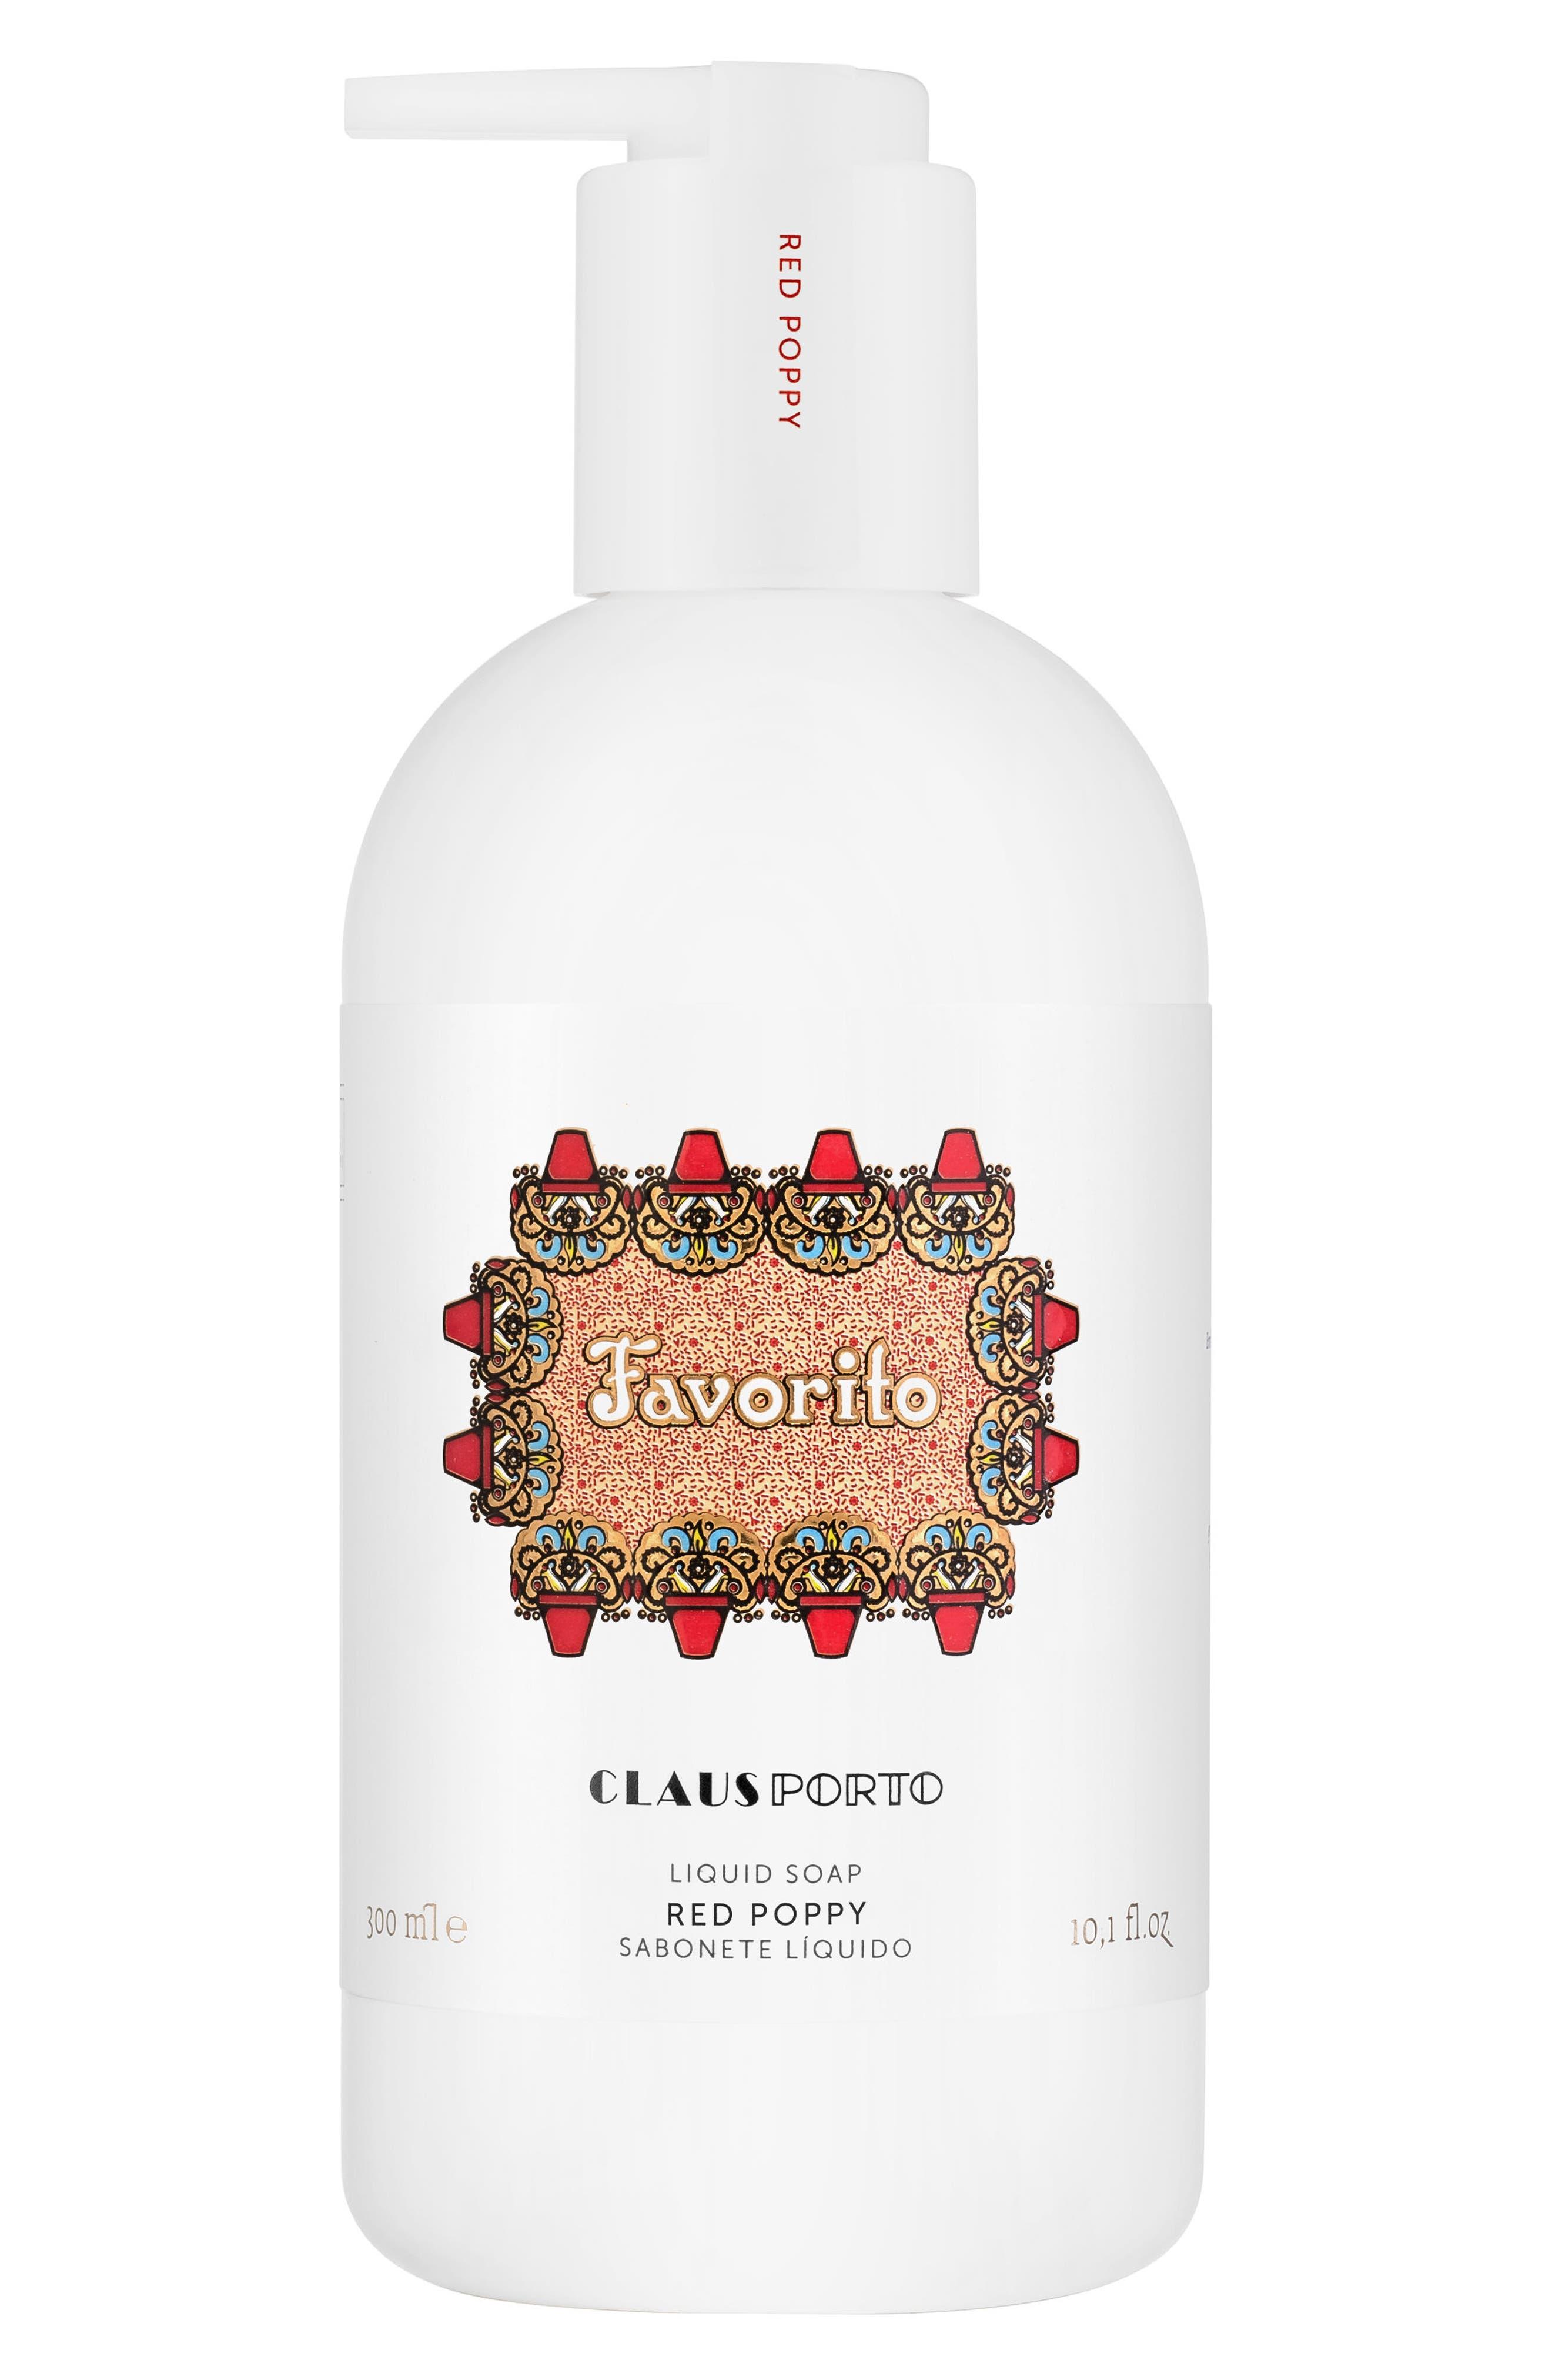 Claus Porto Favorito Red Poppy Liquid Soap